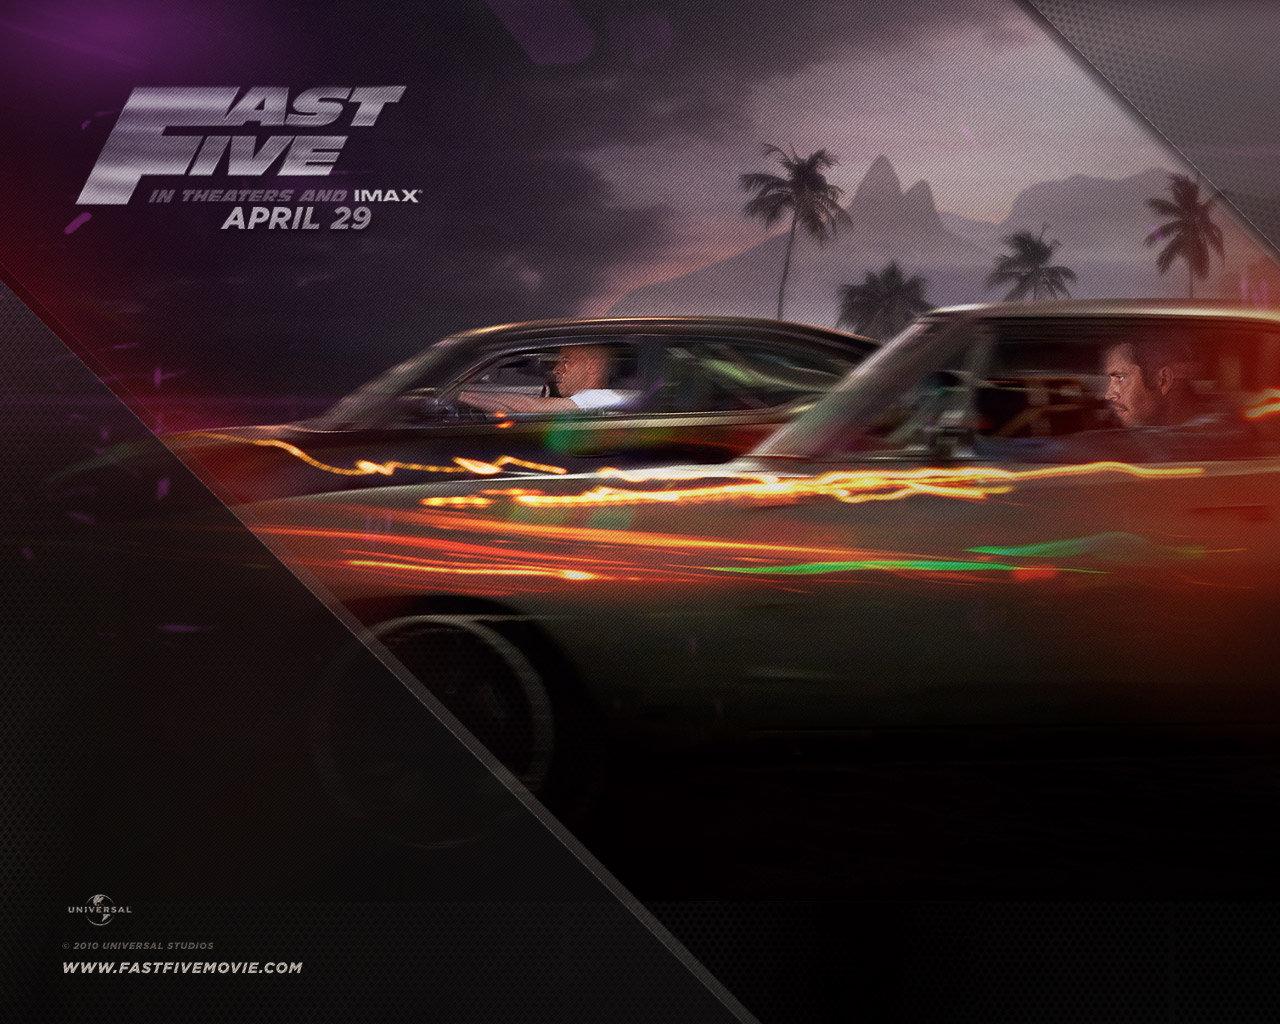 http://2.bp.blogspot.com/-GIj5G7Qcm0A/Tv08iUYfcmI/AAAAAAAACpQ/aI7CDy47Idc/s1600/Fast-Five-Wallpaper-17.jpg